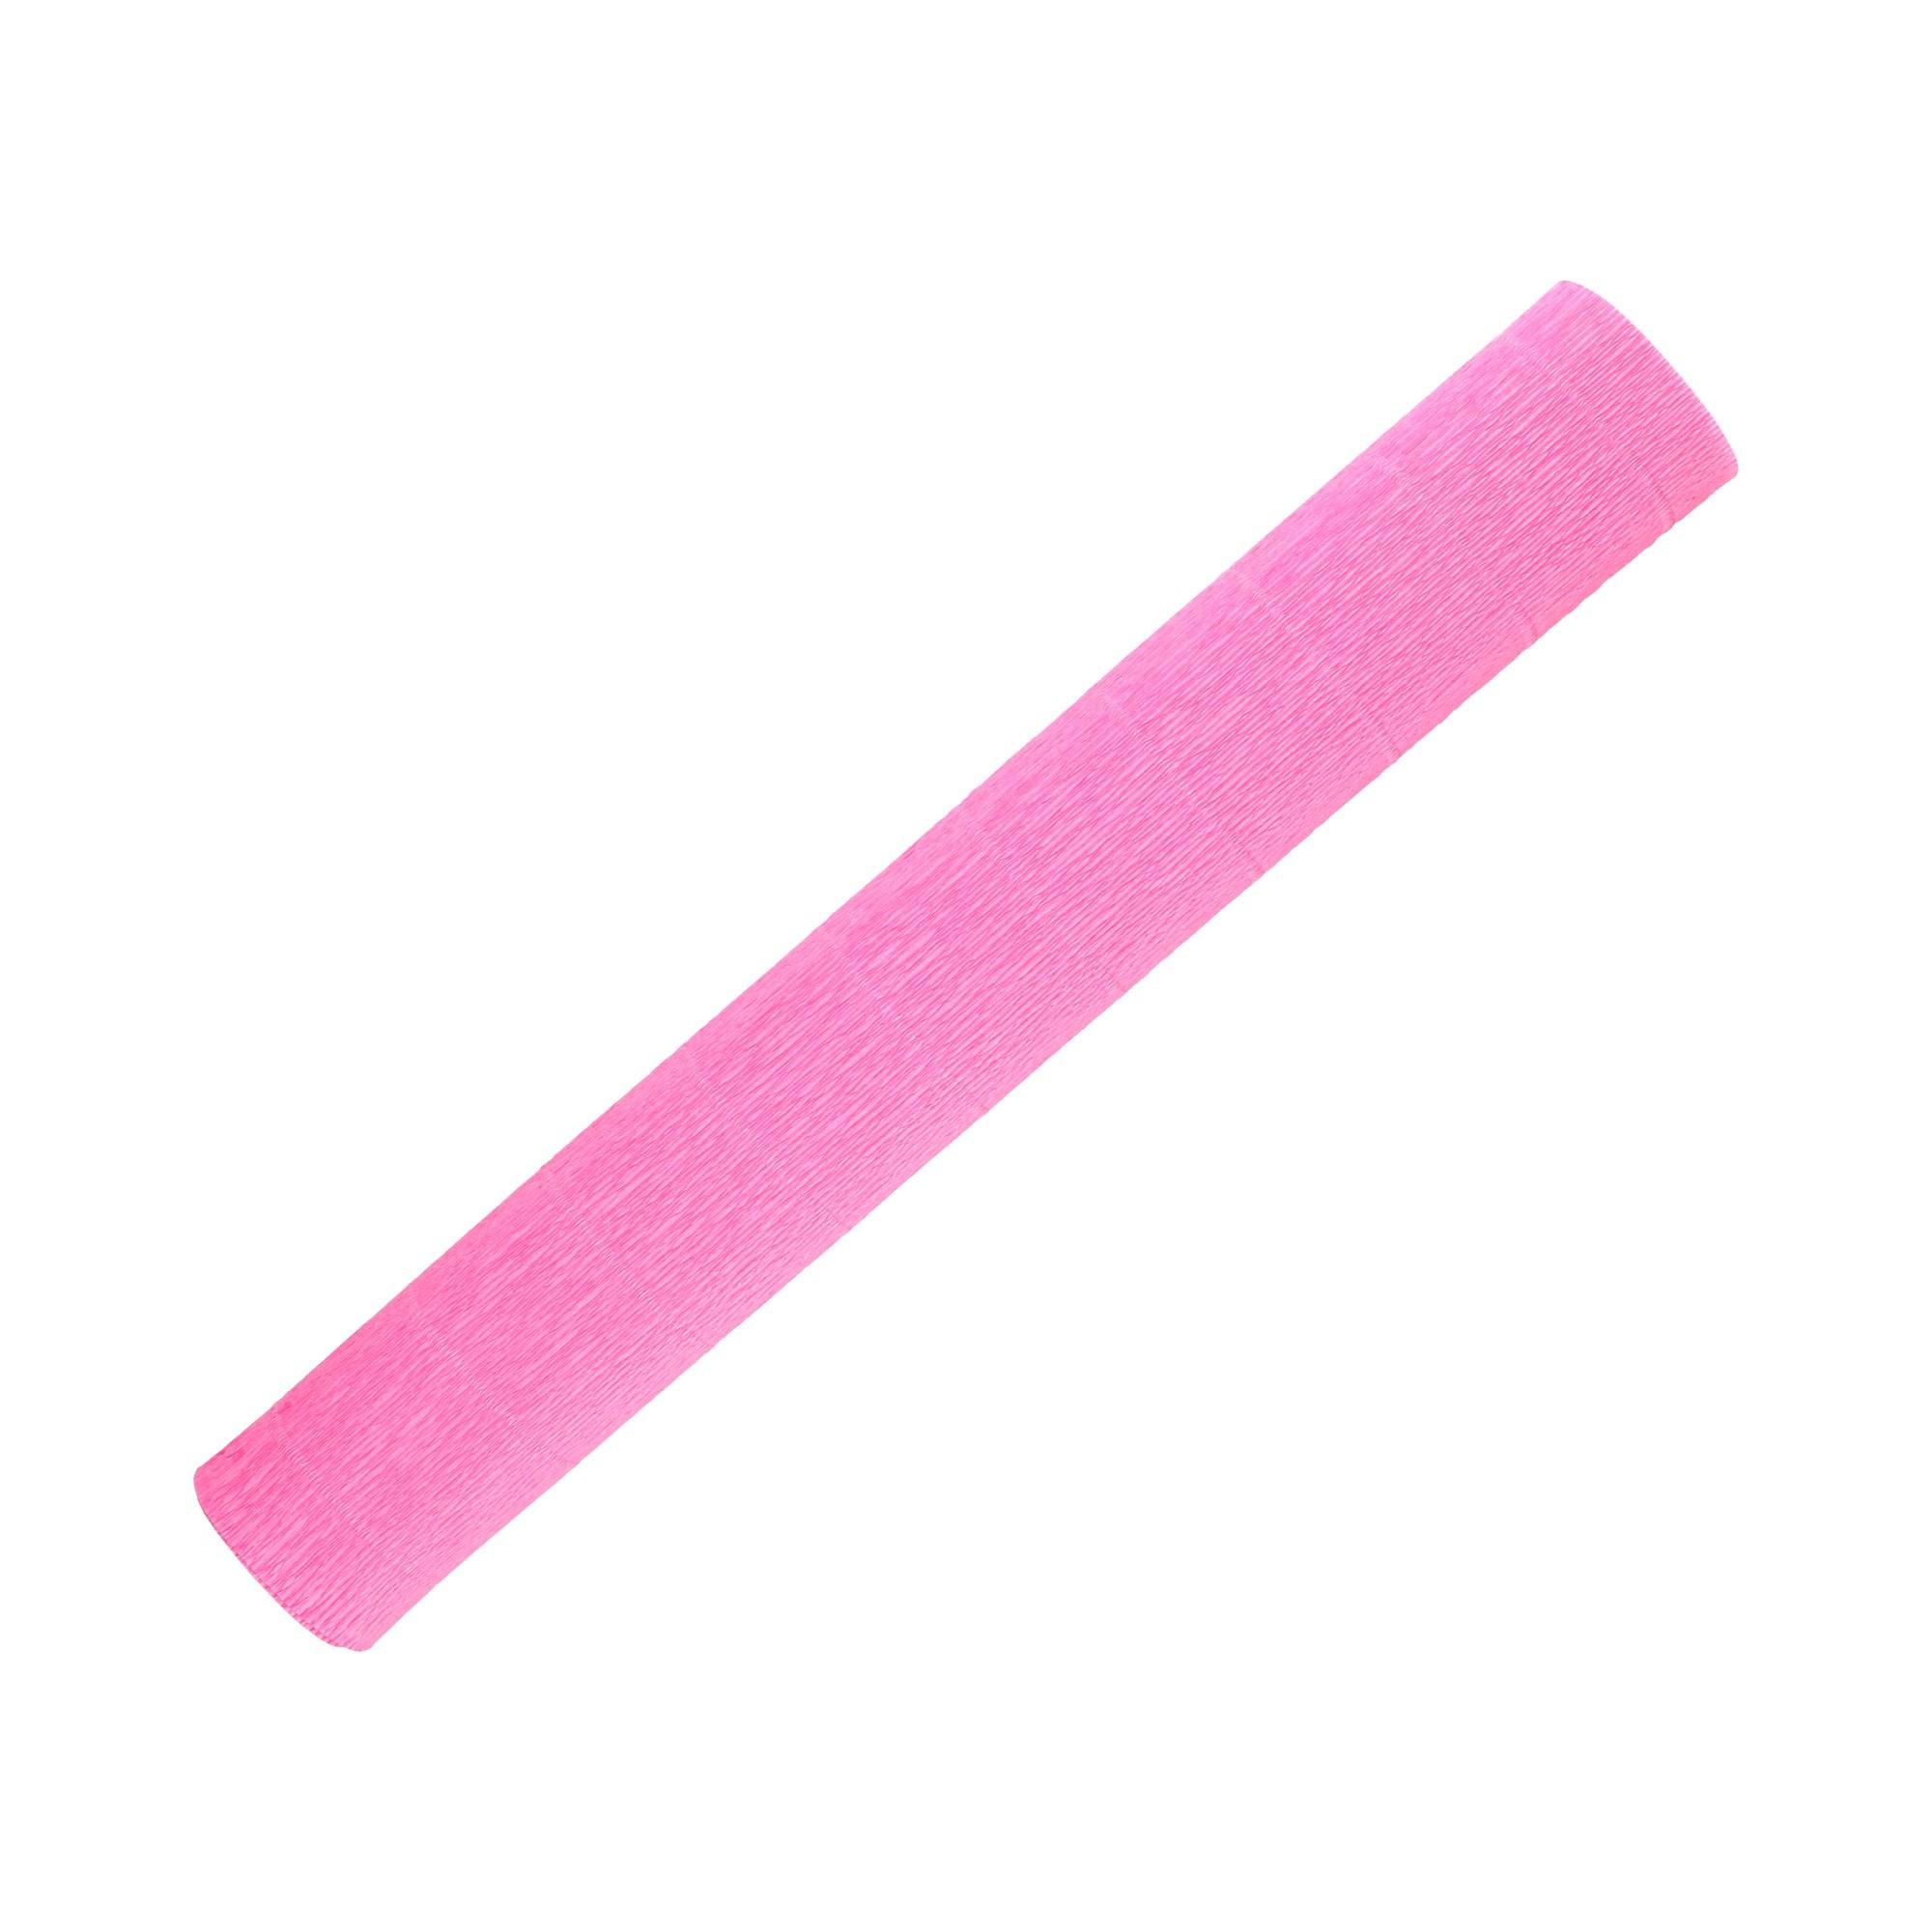 Krepina odcień różowy 554 Latek